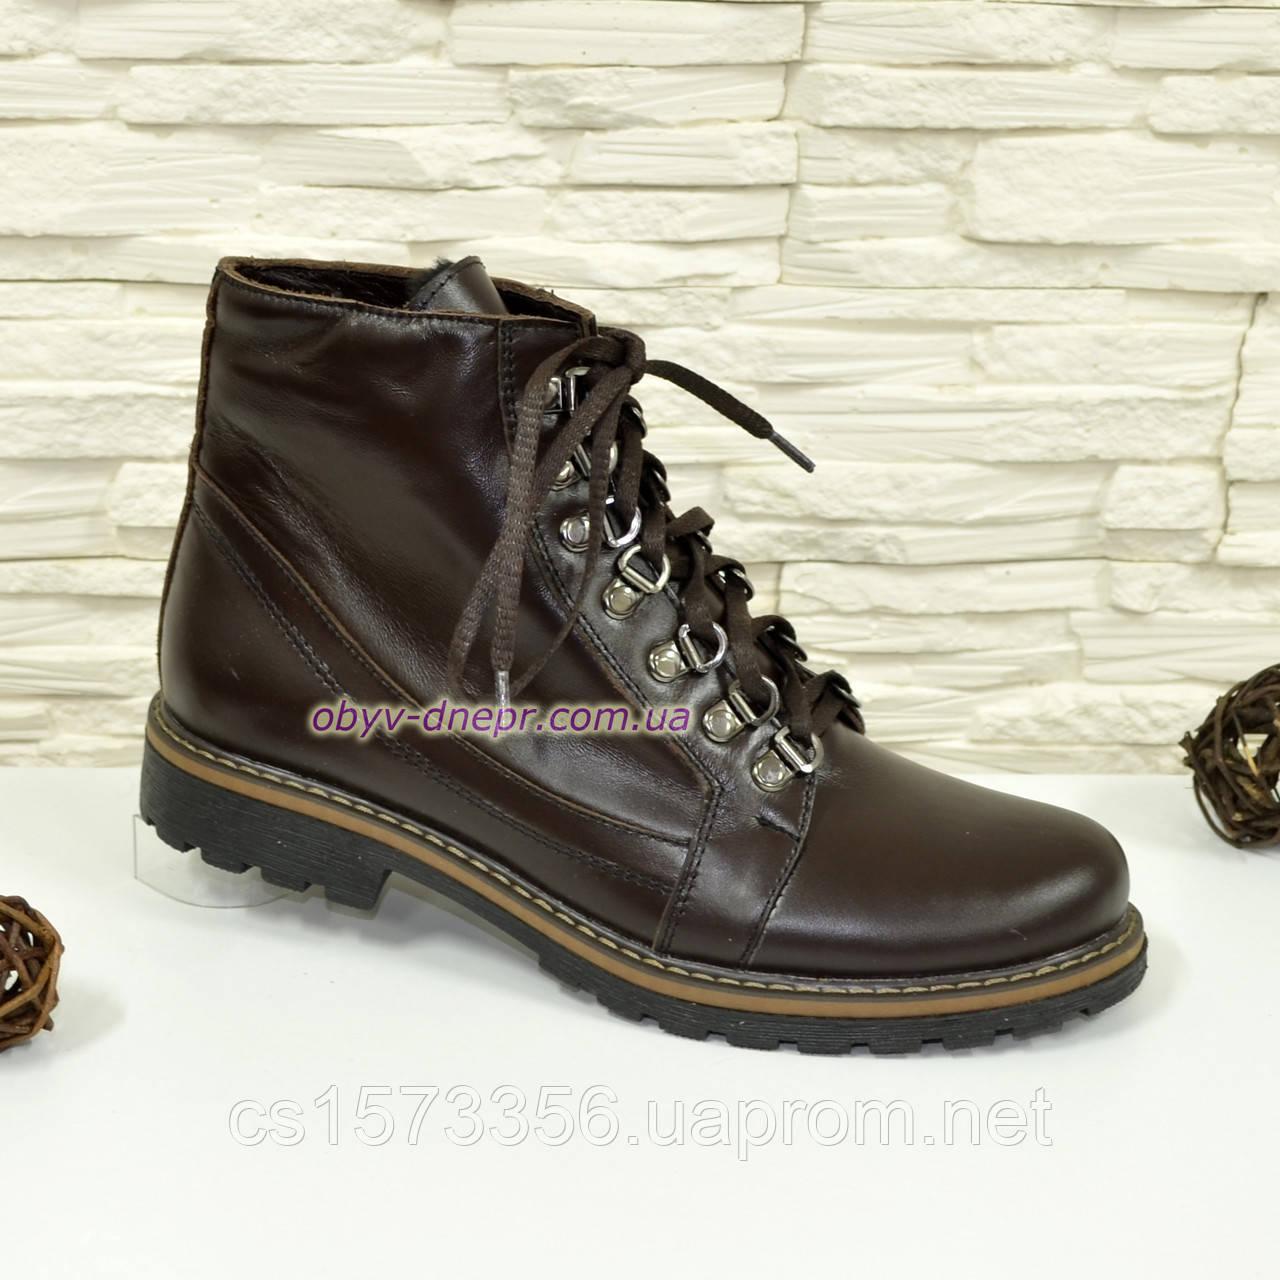 Ботинки демисезонные женские кожаные коричневого цвета